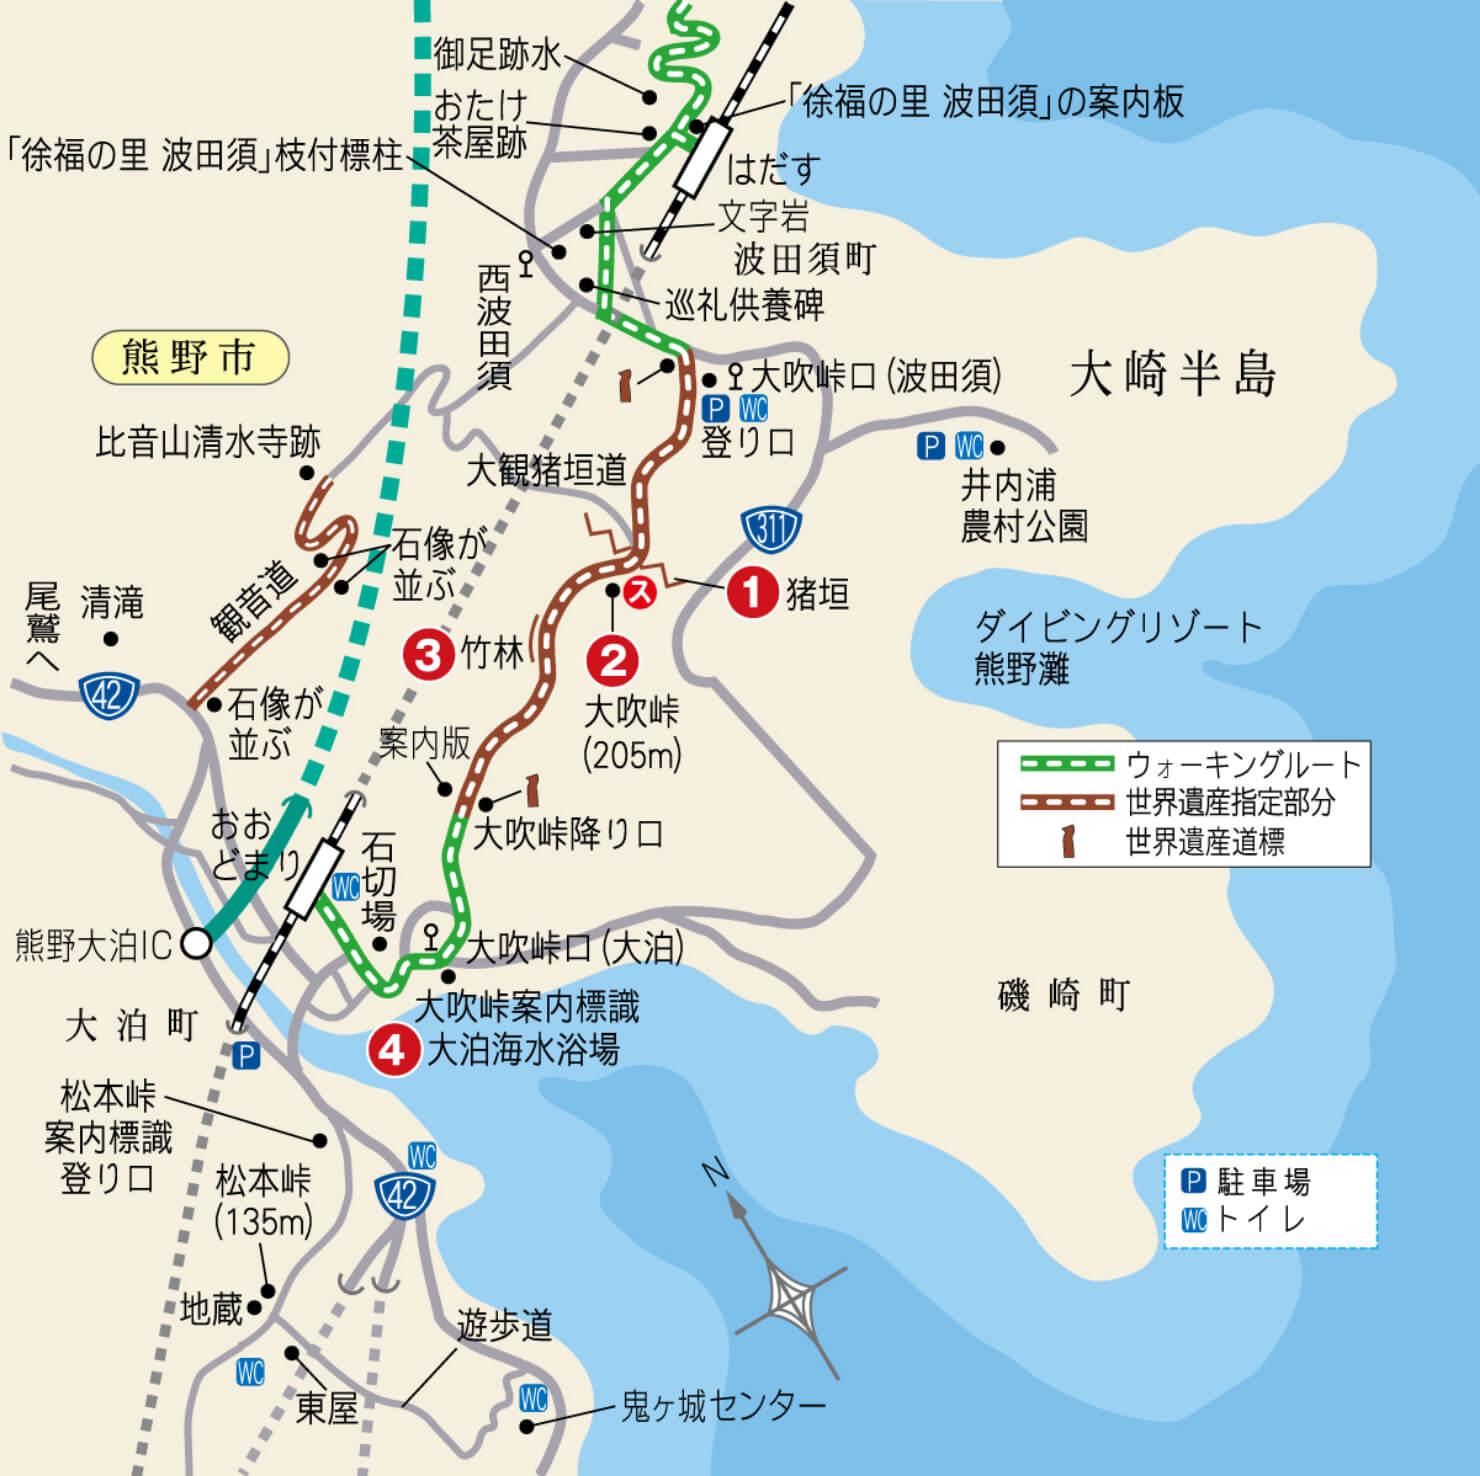 大吹峠道地図